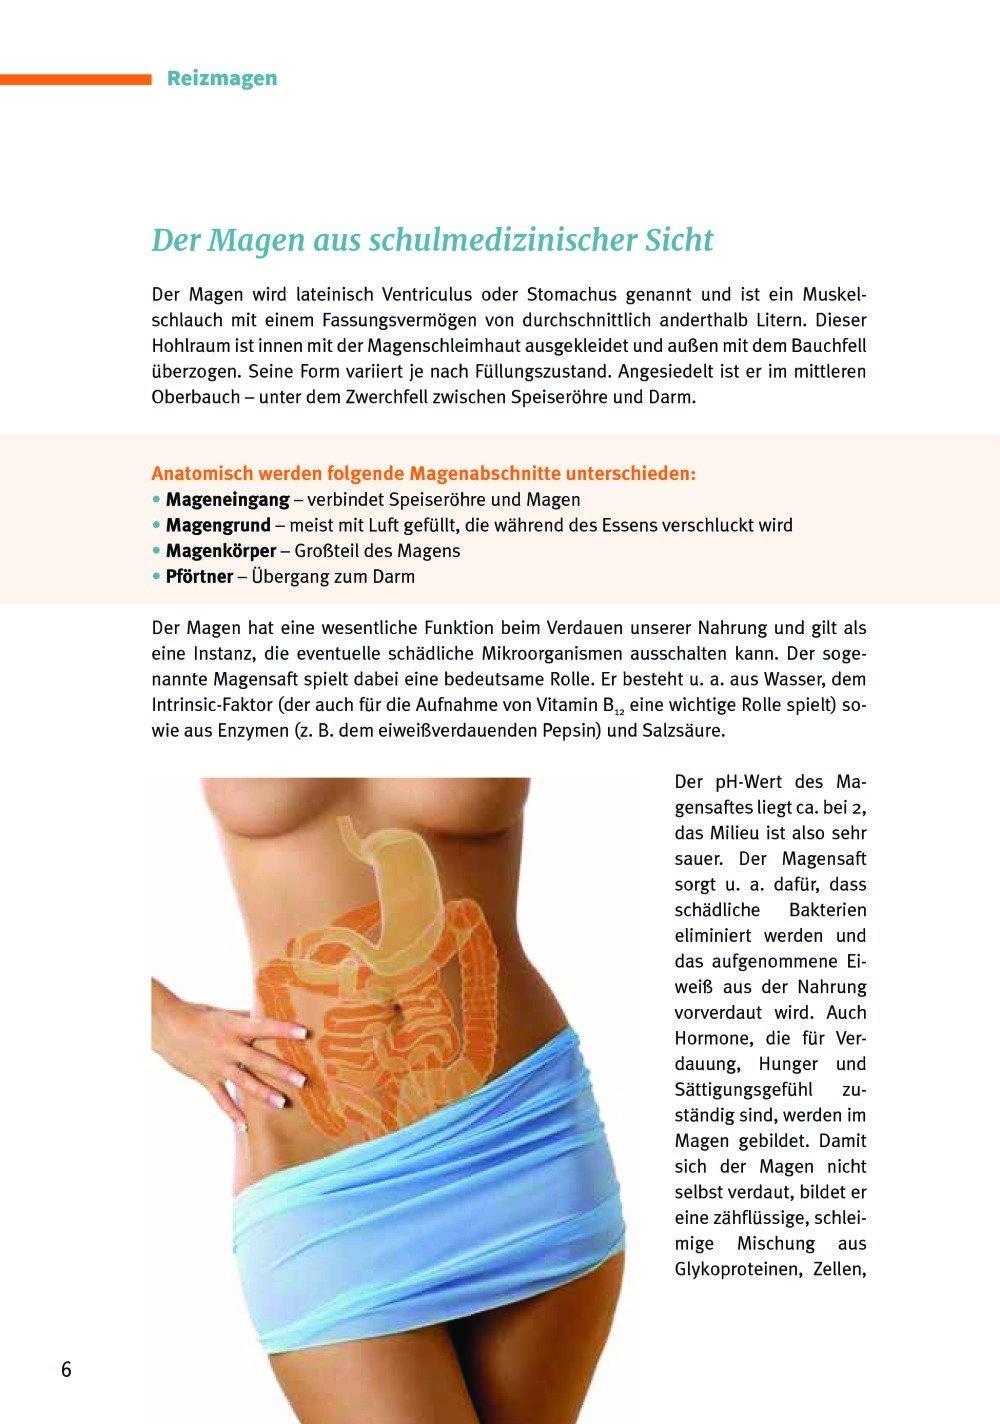 Großartig Funktionen Des Magen Galerie - Menschliche Anatomie Bilder ...